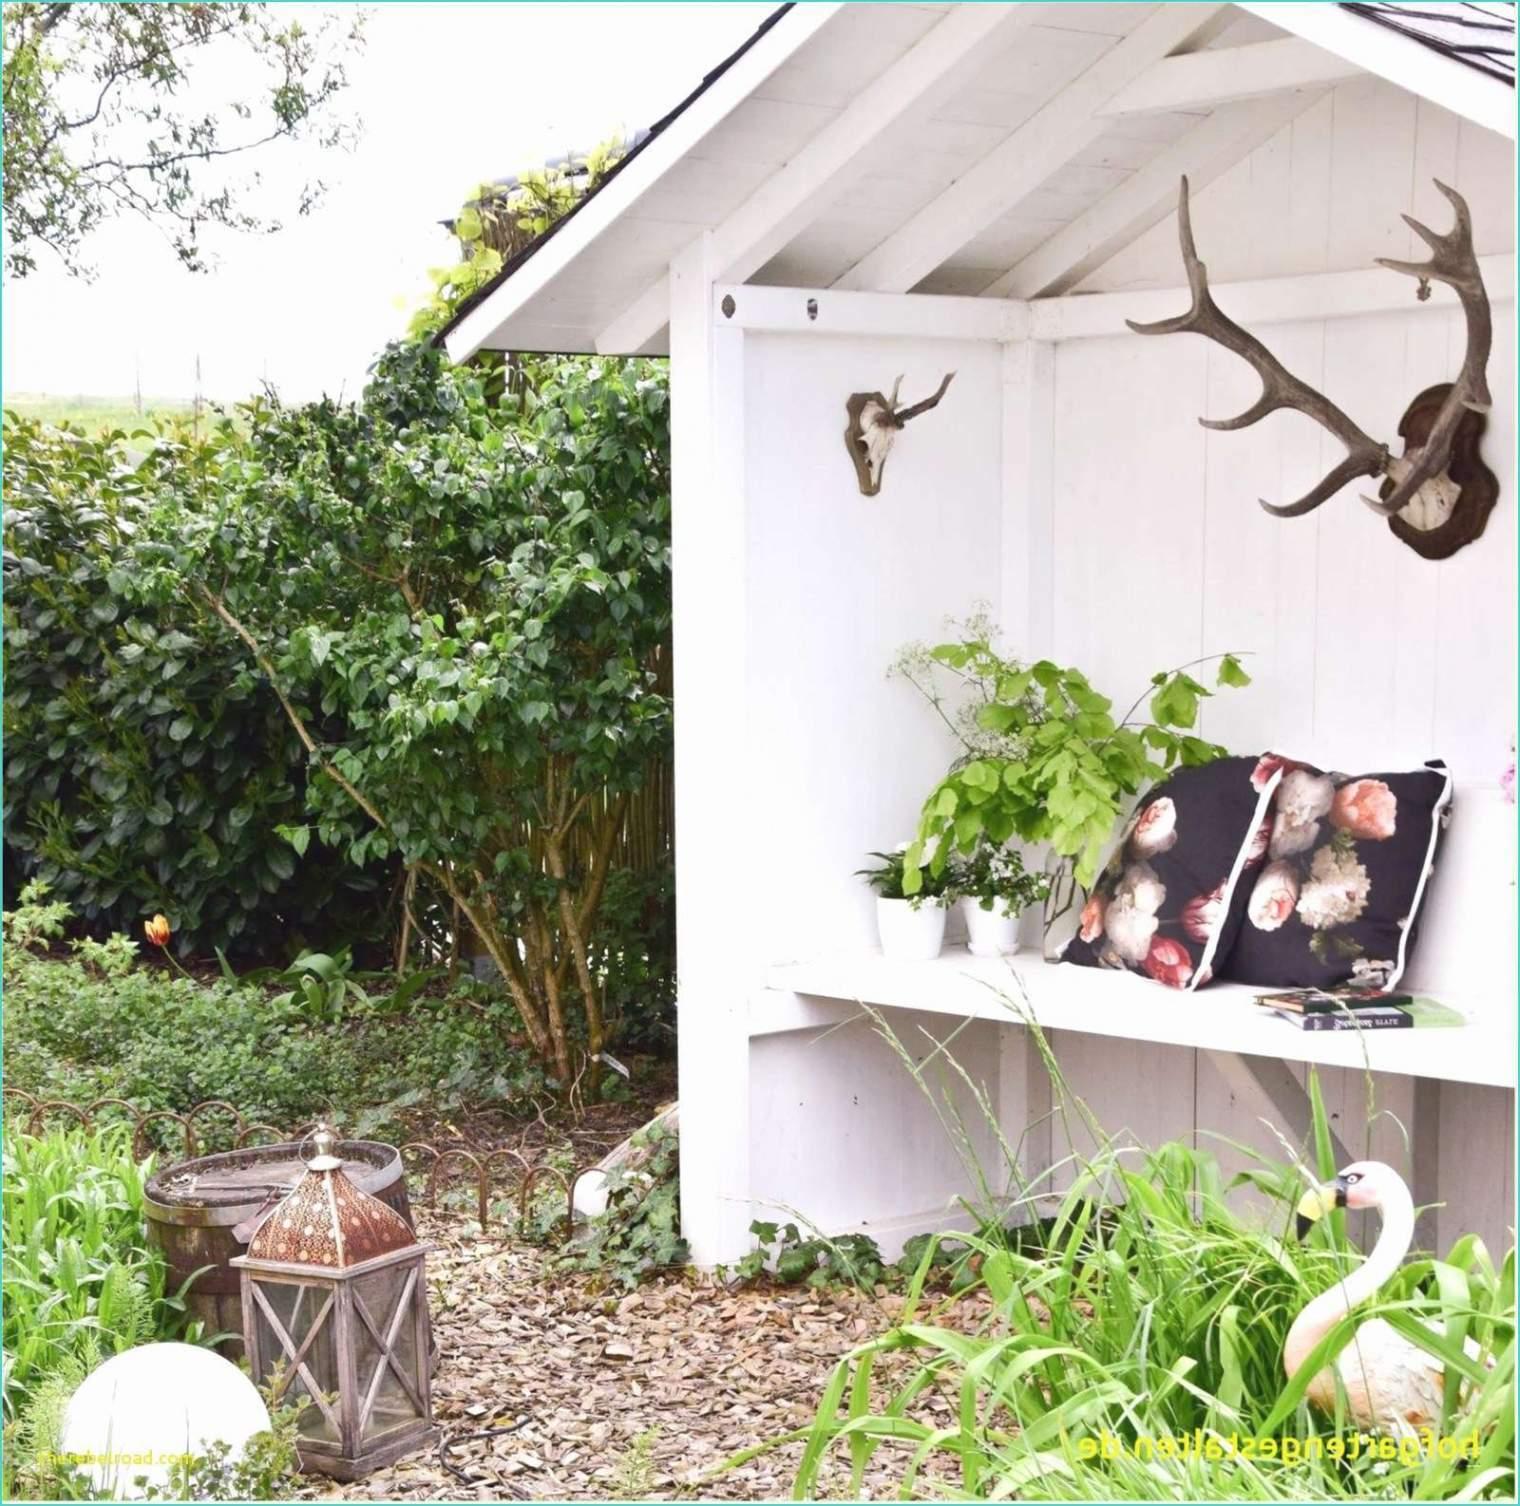 Bastelideen Aus Holz Für Den Garten Das Beste Von Deko Draußen Selber Machen — Temobardz Home Blog